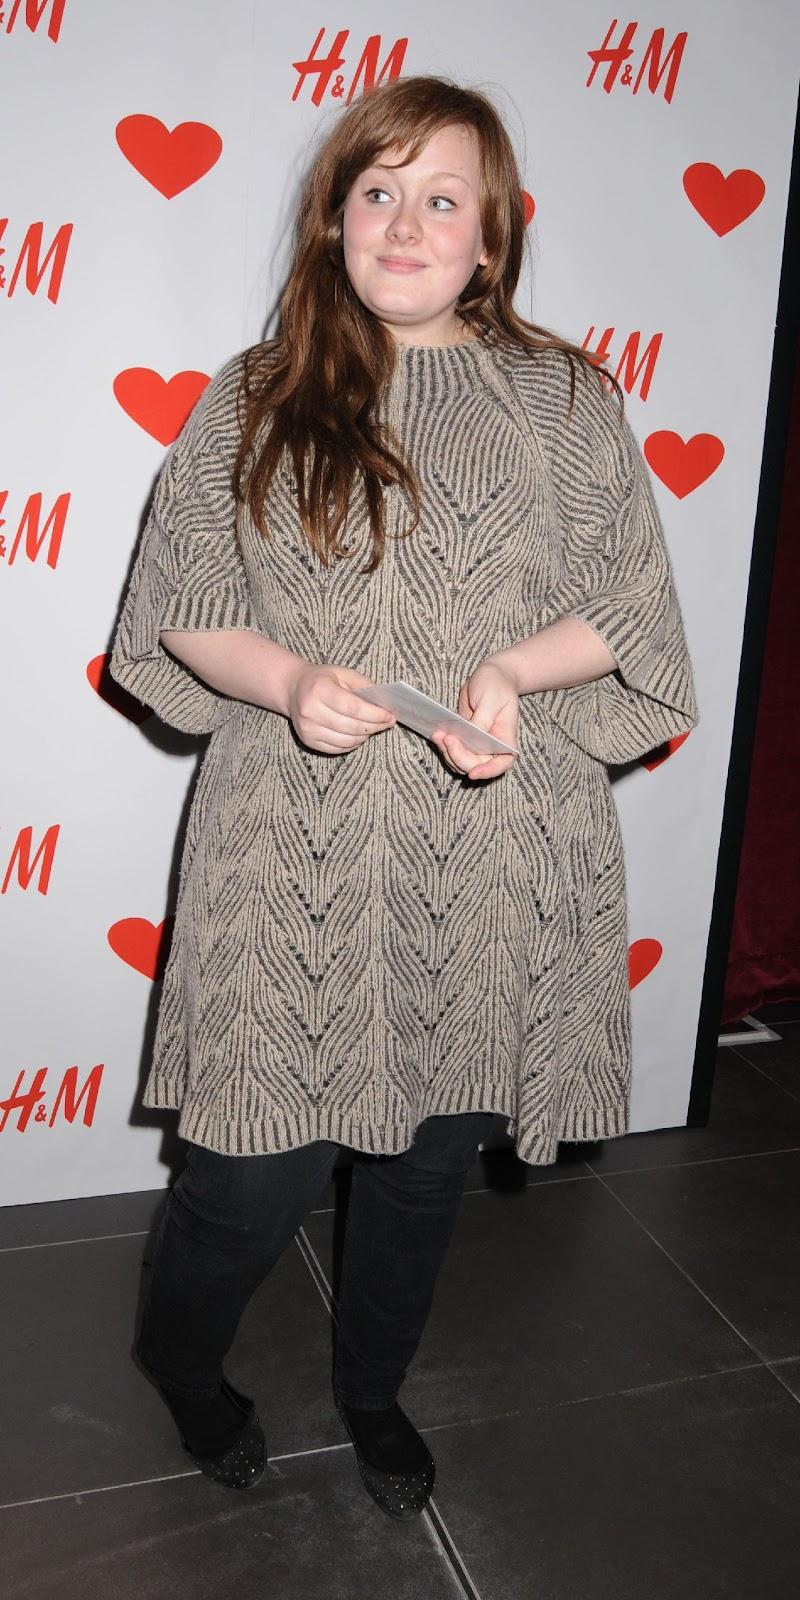 Description:  Adele shot to fame in 2009